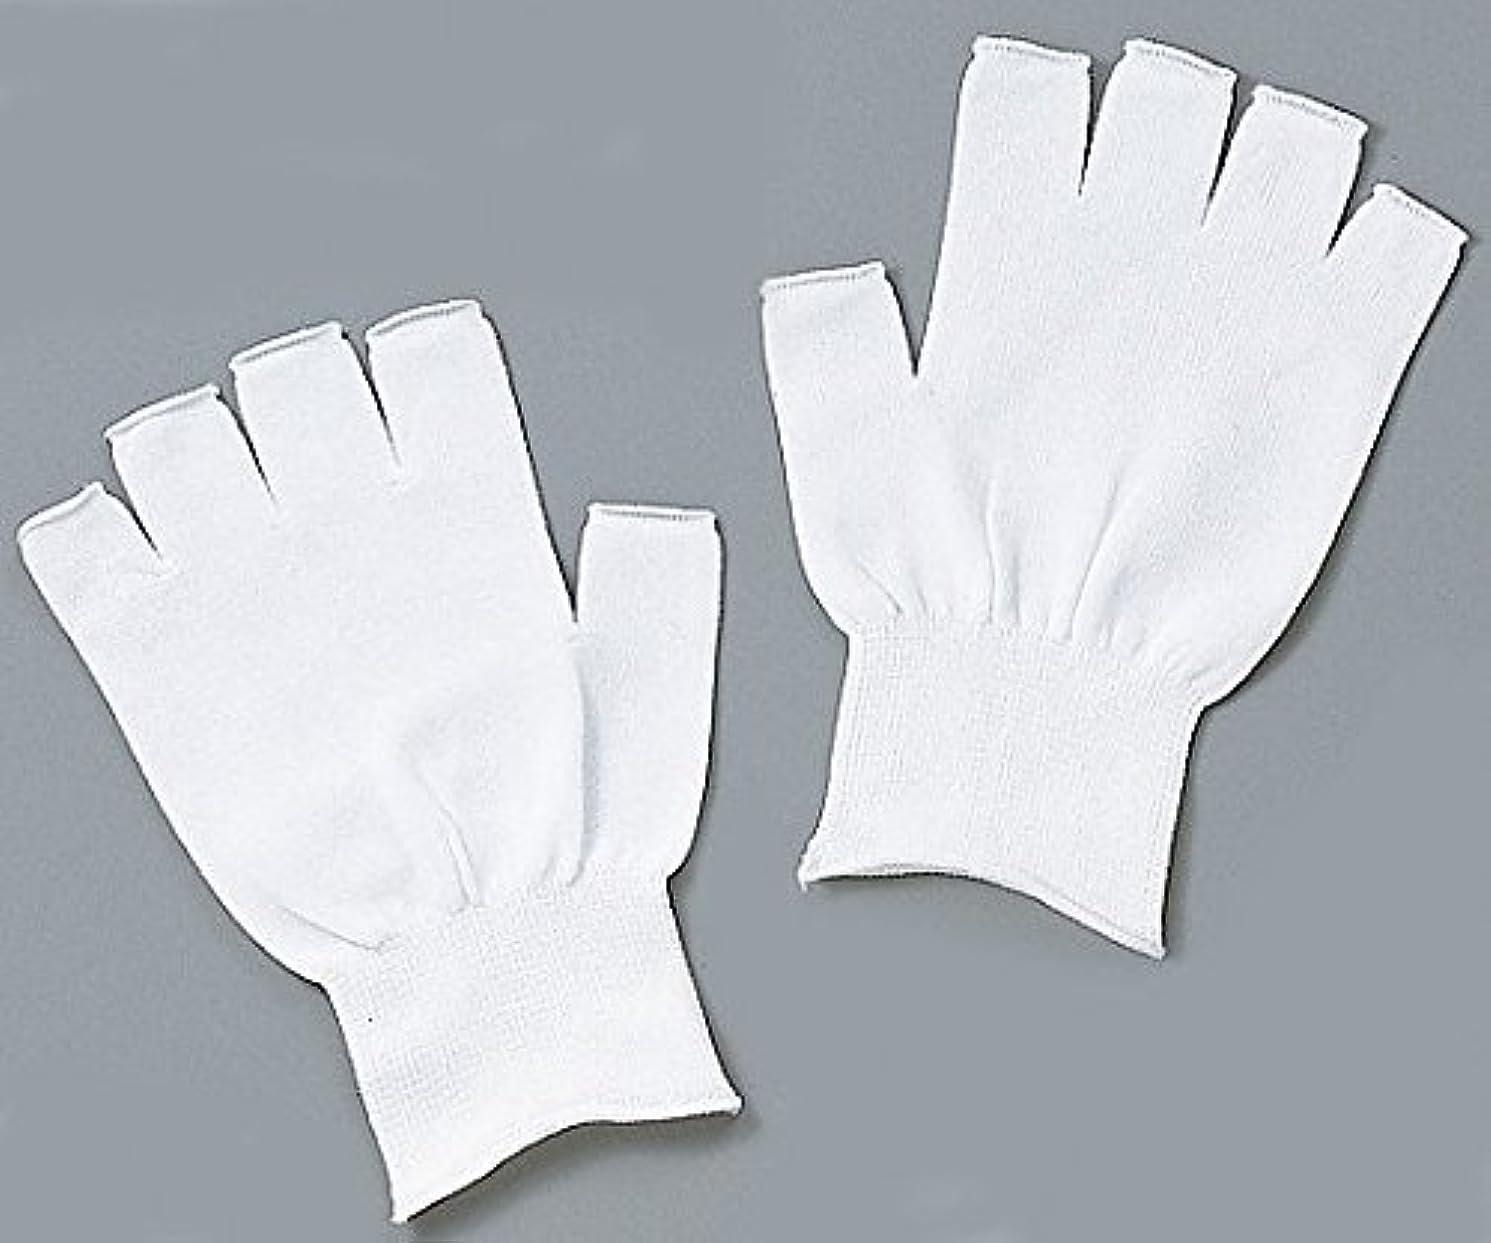 隠された到着するスプレーアズピュア(アズワン)1-4293-01アズピュアインナー手袋指先無しフリー10双20枚